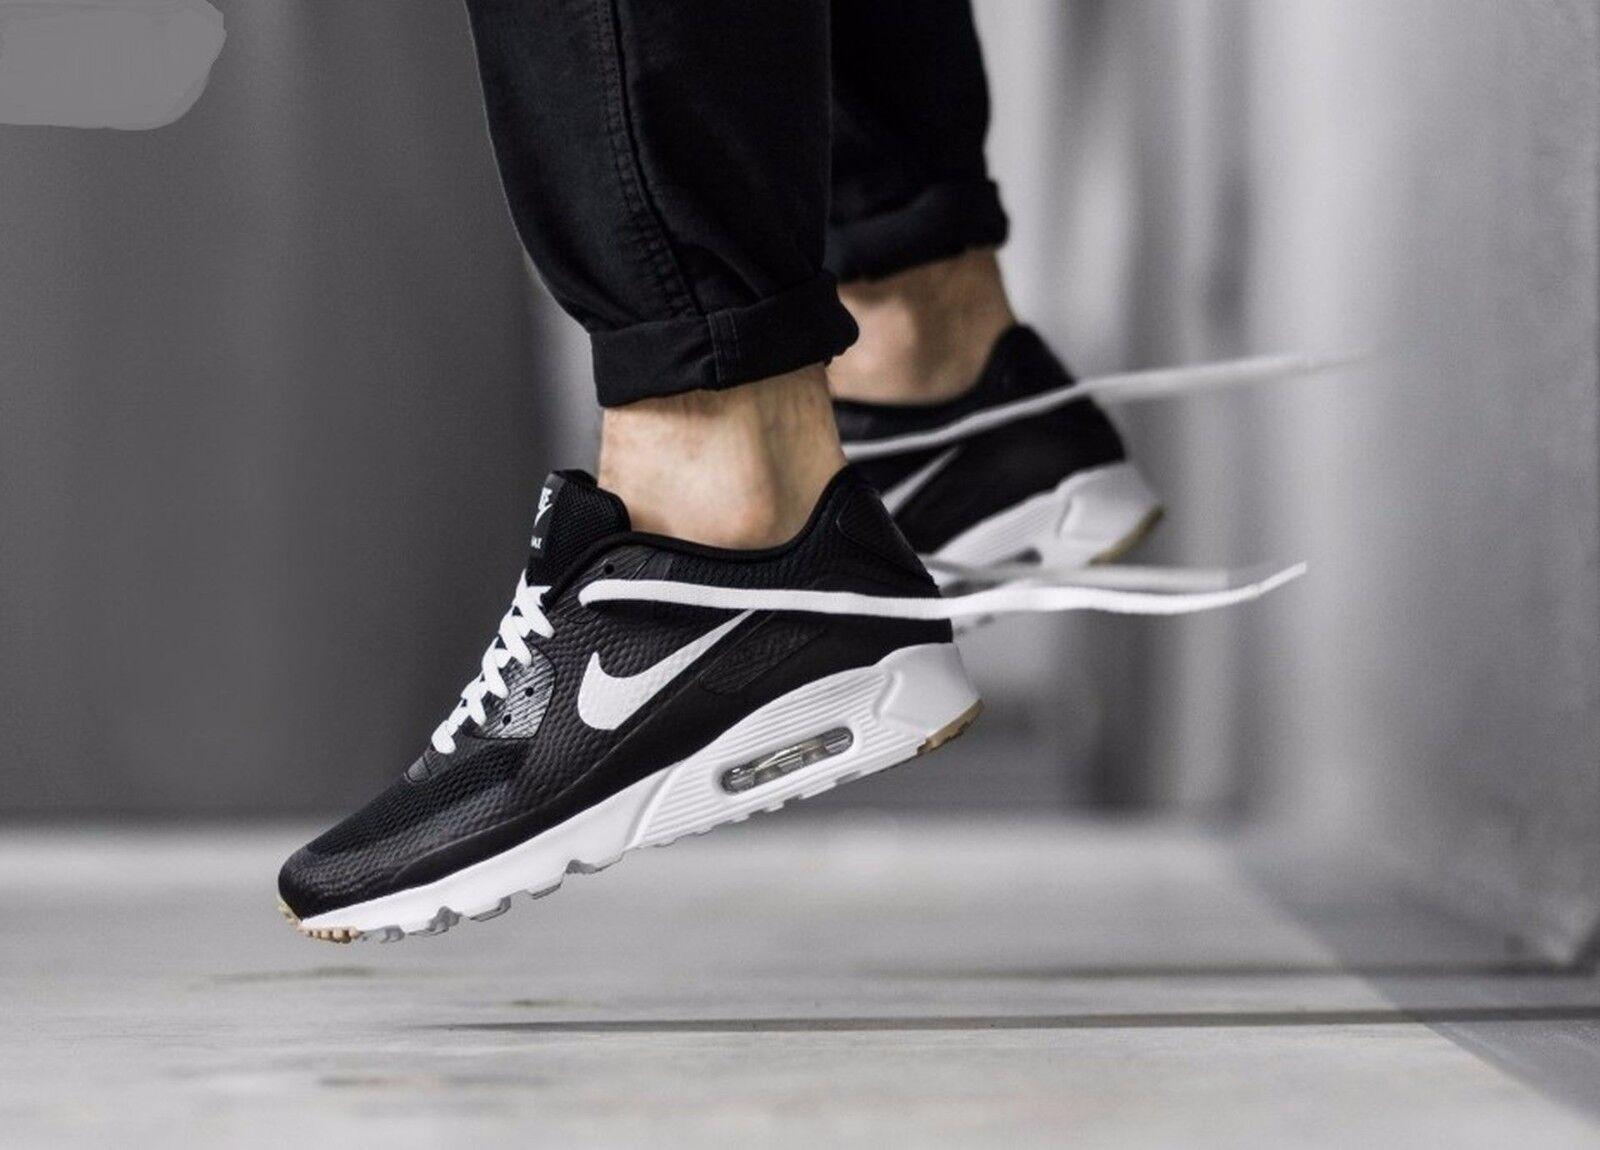 Nike 819474 Air Max 90 Ultra Essenziale Bianco Nero 819474 Nike 010 Uomo Sz 12,5 631ab0